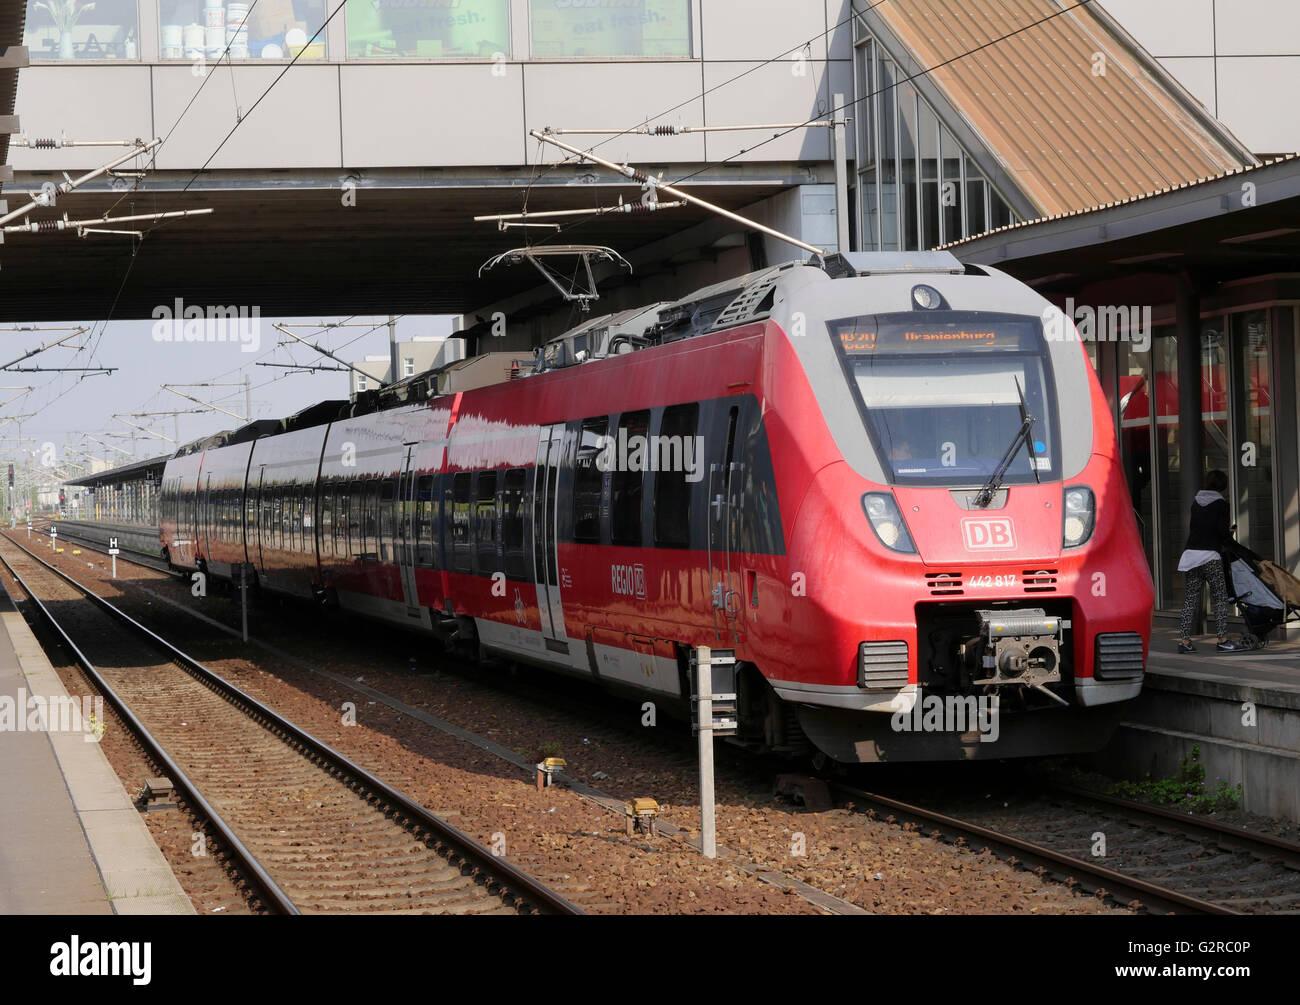 Deutsche Bahn DB-Baureihe 442 Passagier Zug am Bahnsteig stehen, Berlin, Deutschland, EU. Stockbild